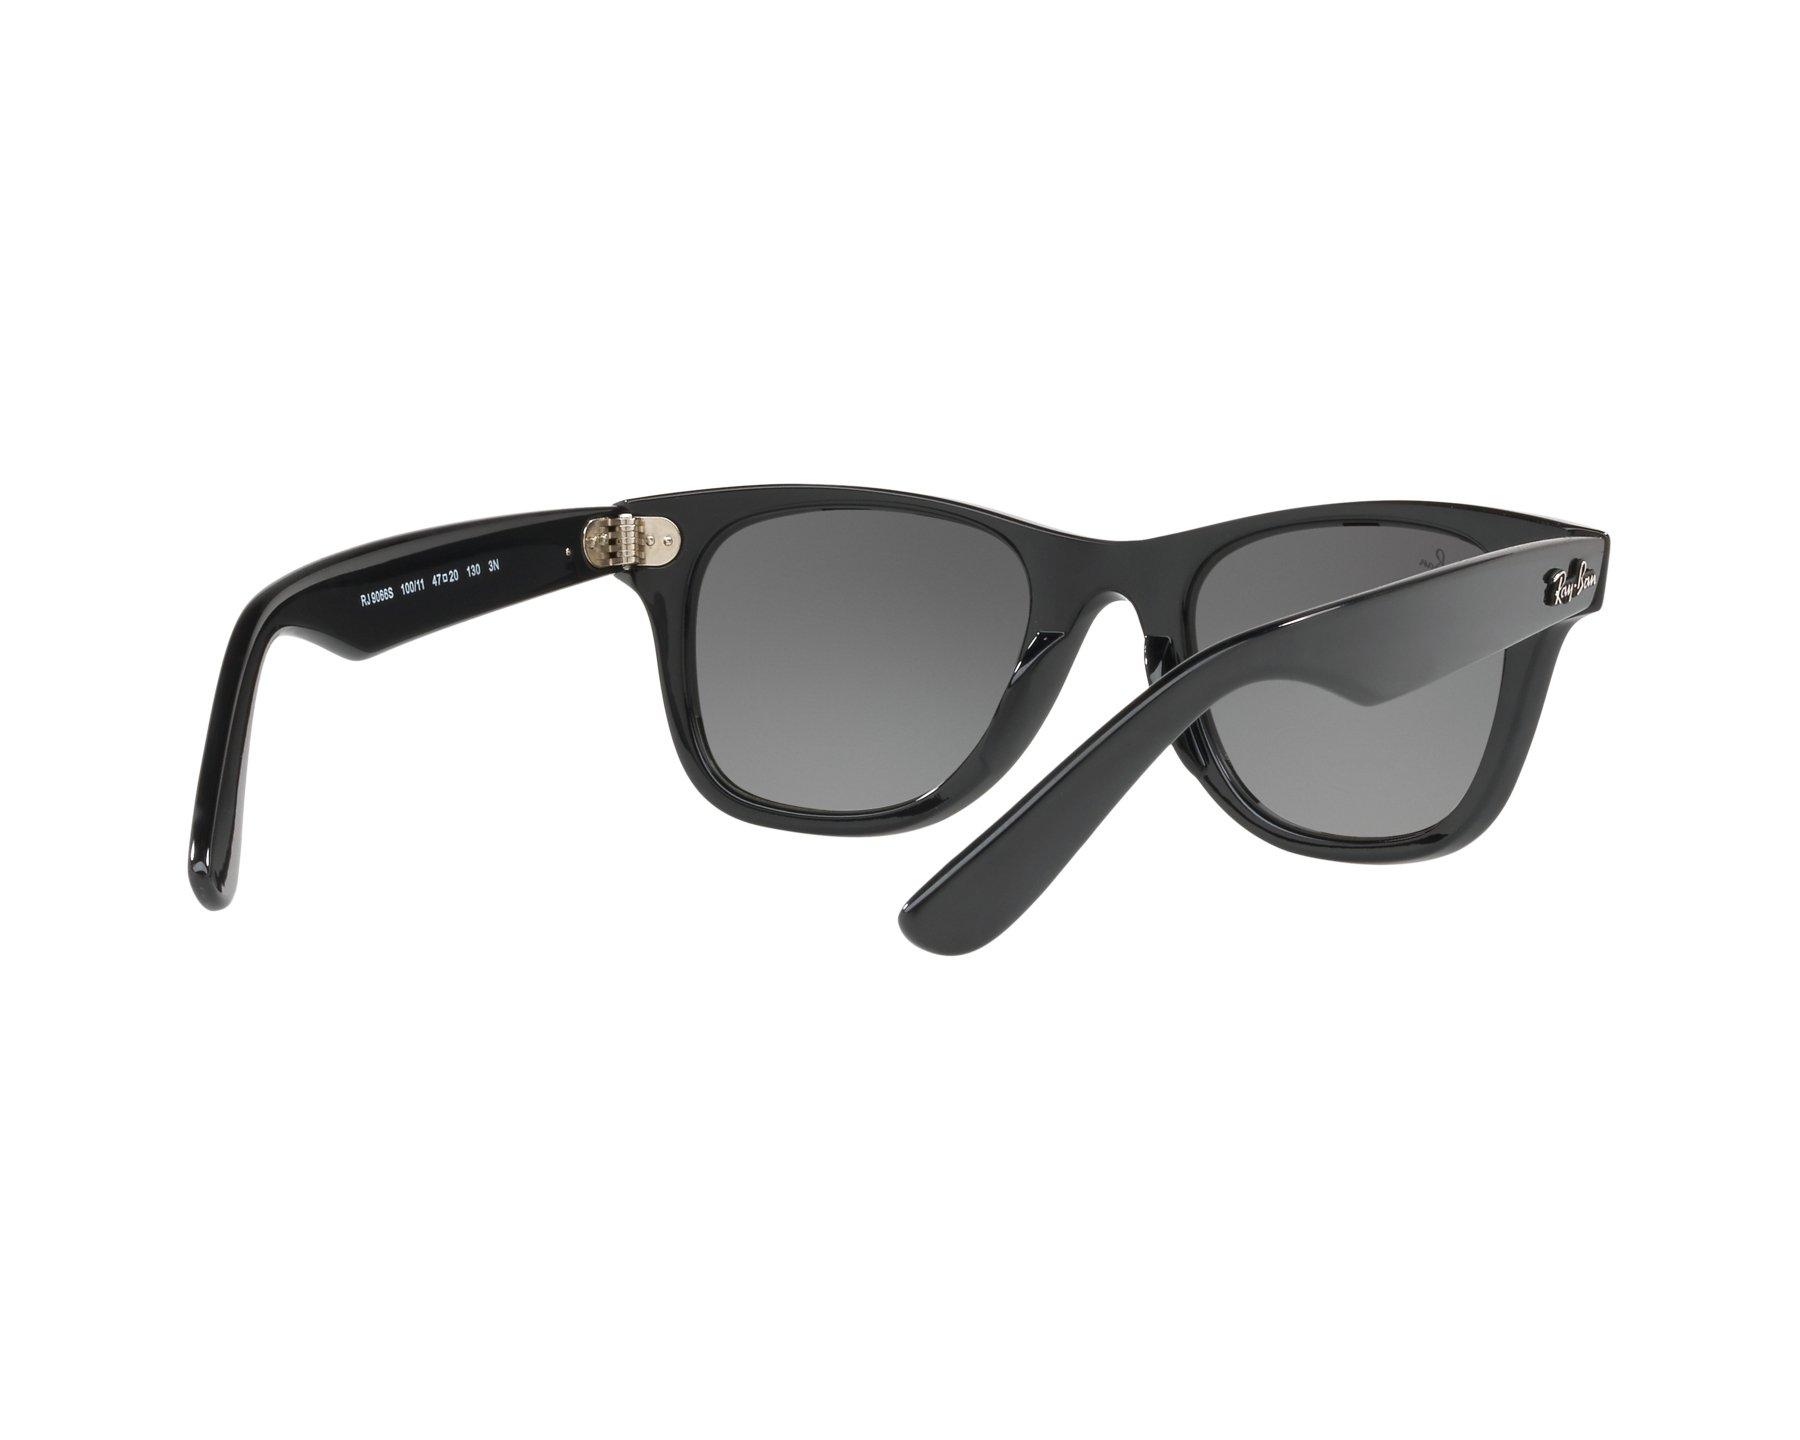 Sunglasses Ray-Ban RJ-9066-S 100 11 - Black 360 degree ec79669e99993